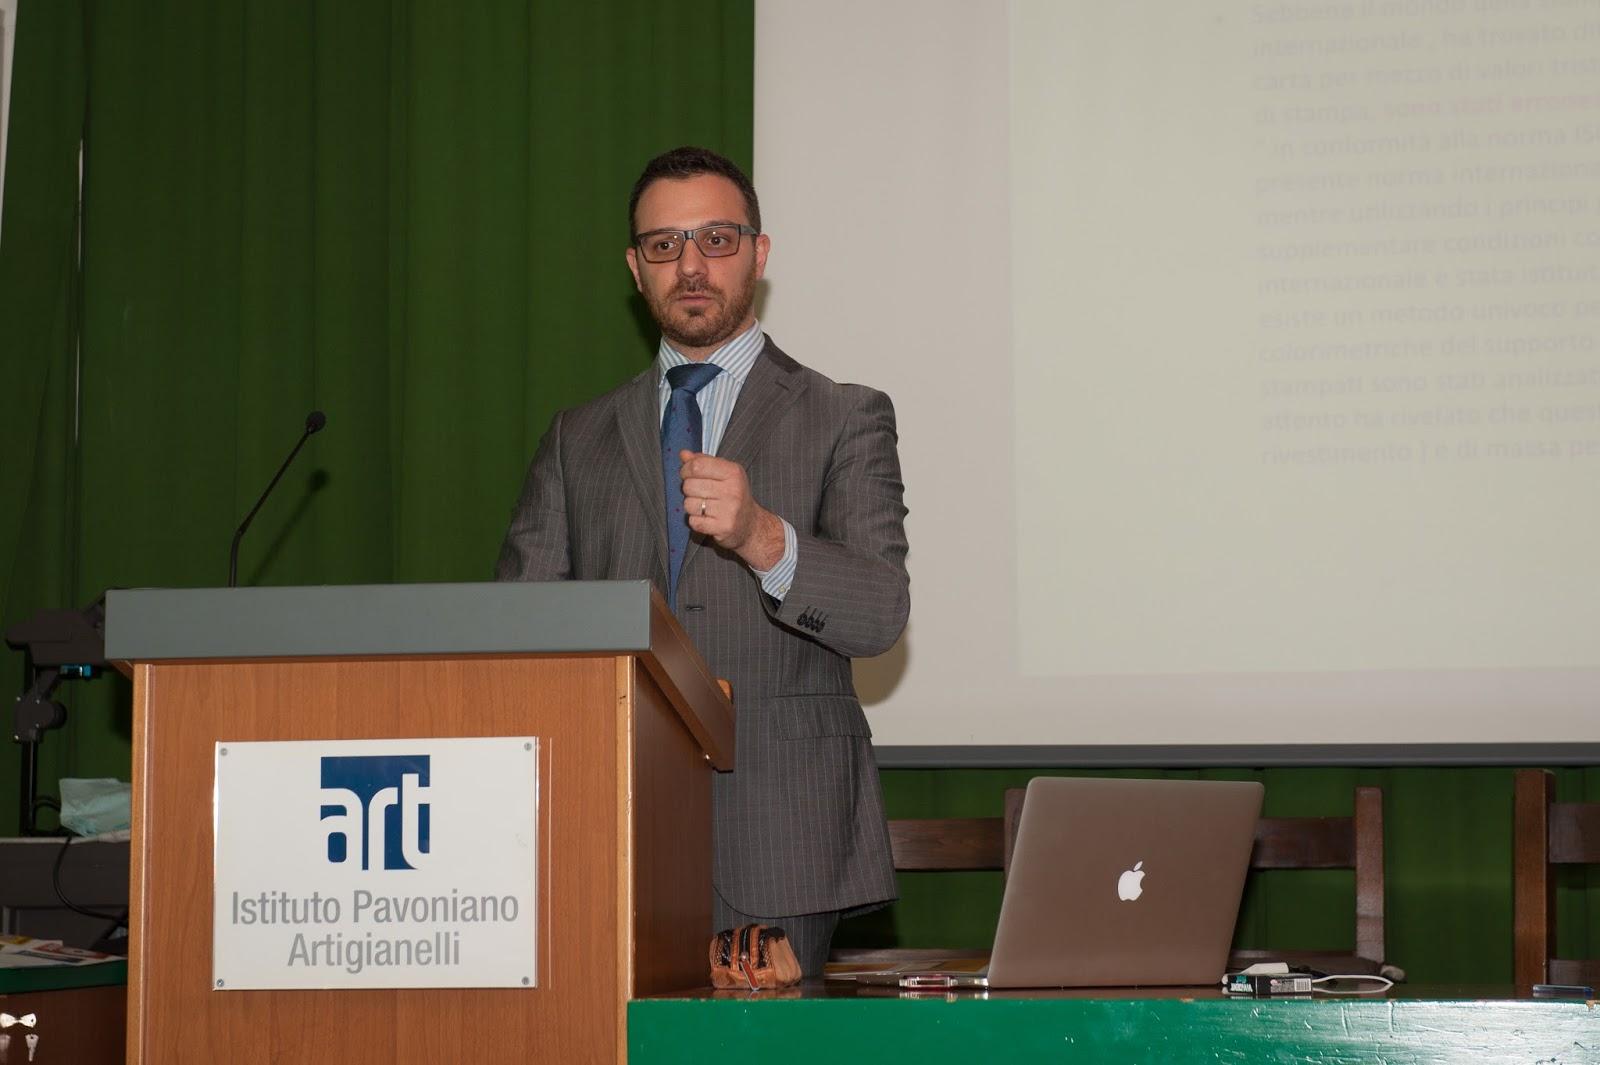 Il relatore Luca Morandi